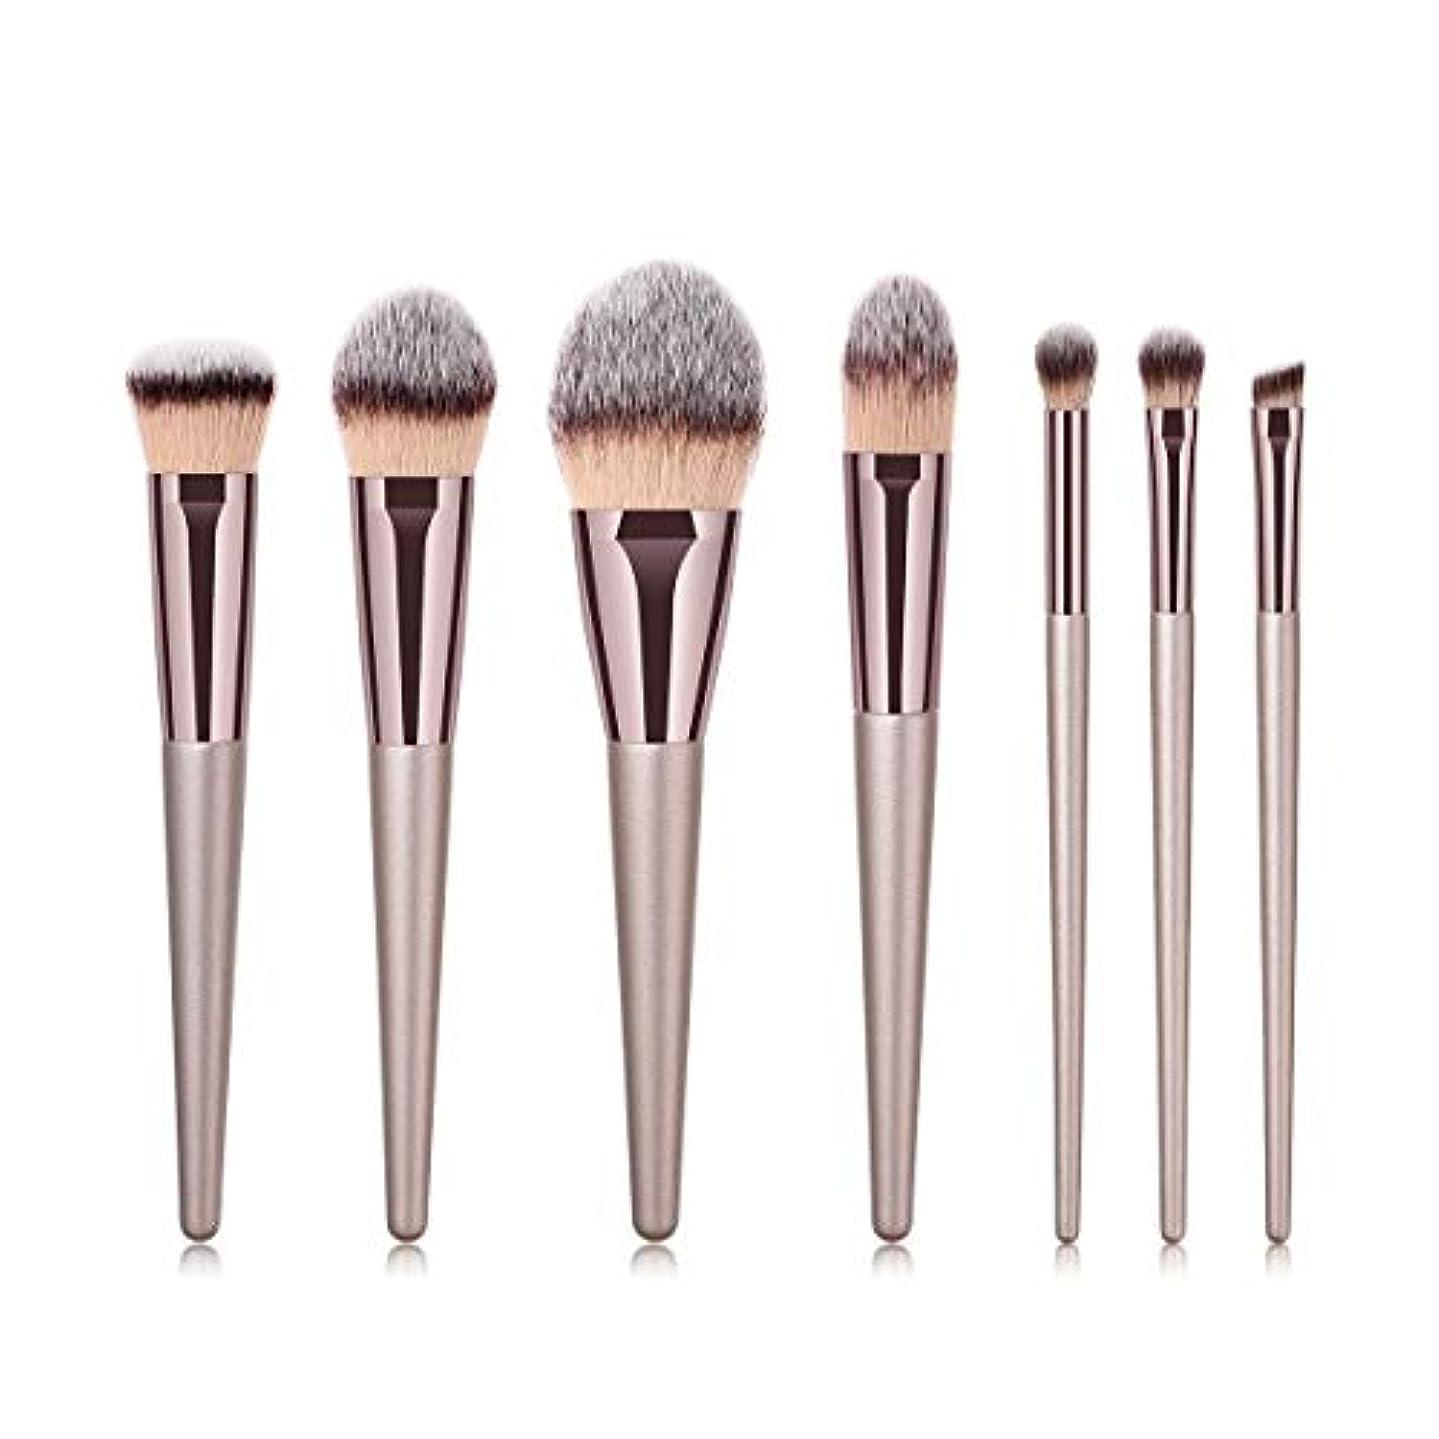 紀元前力強い布Makeup brushes 7化粧ブラシファンデーションブラシパウダーブラッシュブラシアイシャドーブラシハイトグロスシルエットブラシセットブラシグレー suits (Color : Gray)